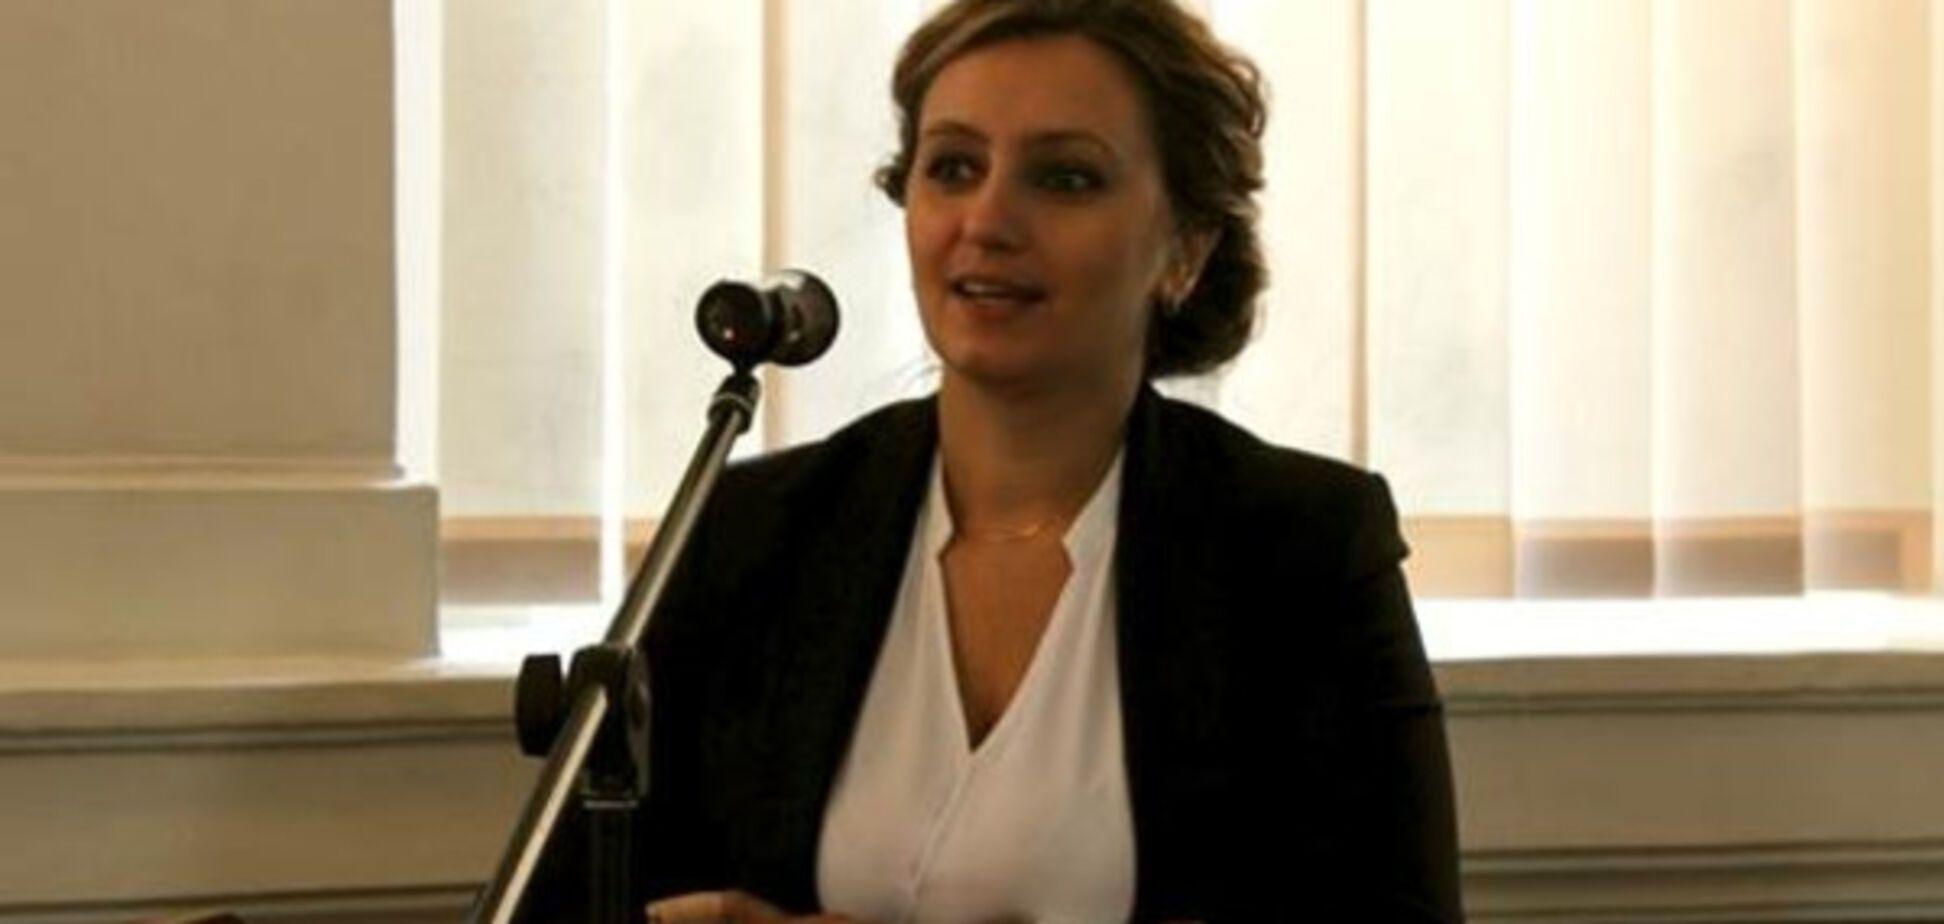 Будмафія: заступник міністра Мазур, хмарочоси на Мечникова і $200 тисяч